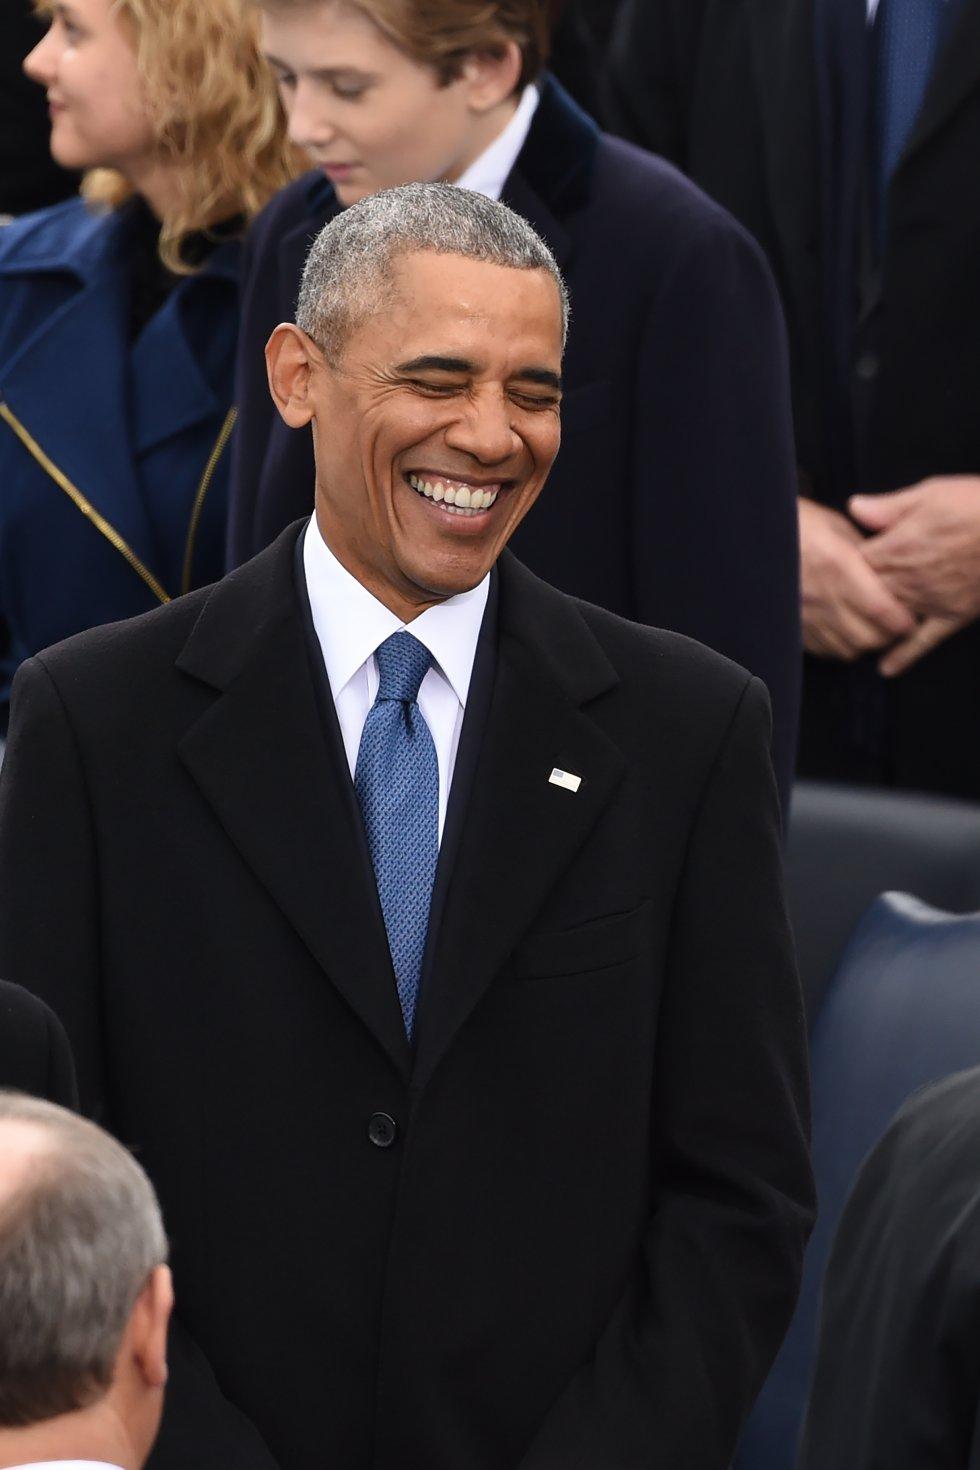 Barack Obama en la ceremonia de posesión de Donald Trump como nuevo presidente de Estados Unidos.